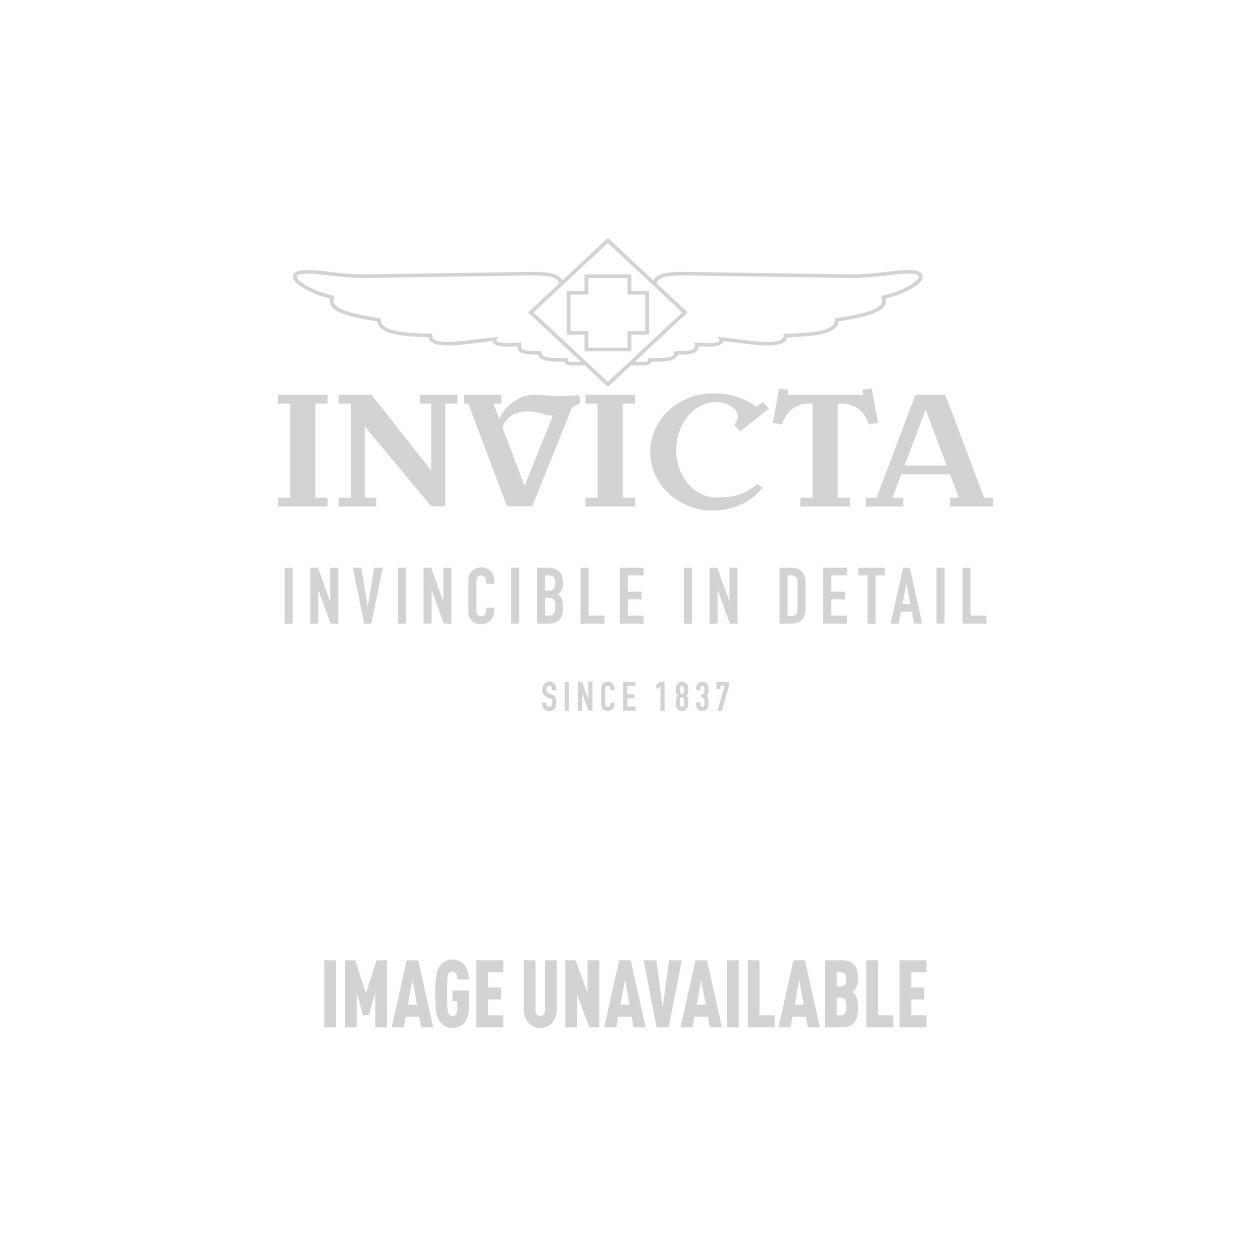 Invicta Model 24822